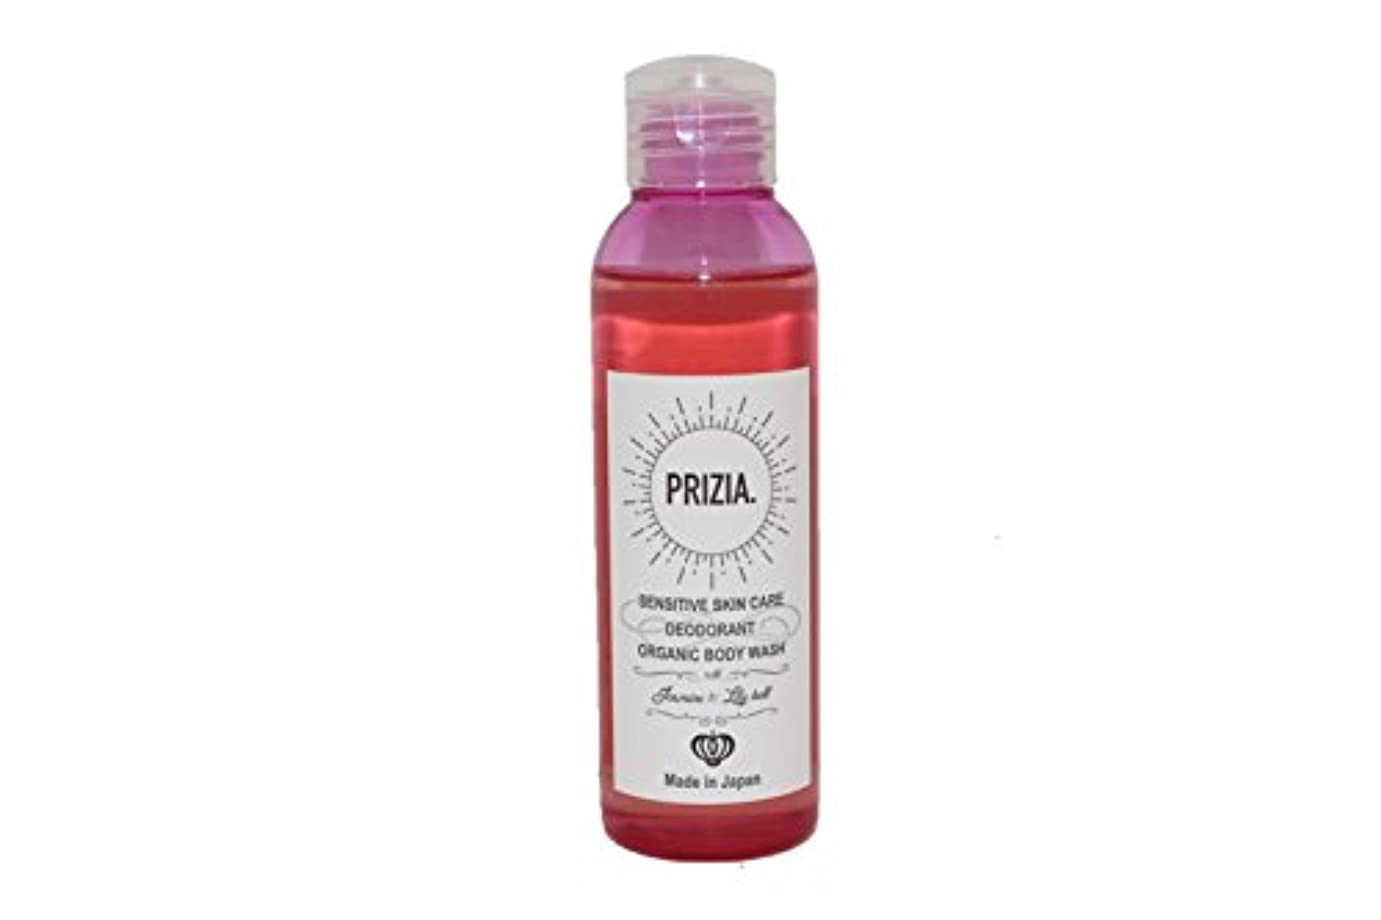 レバー無線咽頭PRIZIA(プリジア)デリケートゾーン専用ソープ(ジャスミン&リリーベルの香り)